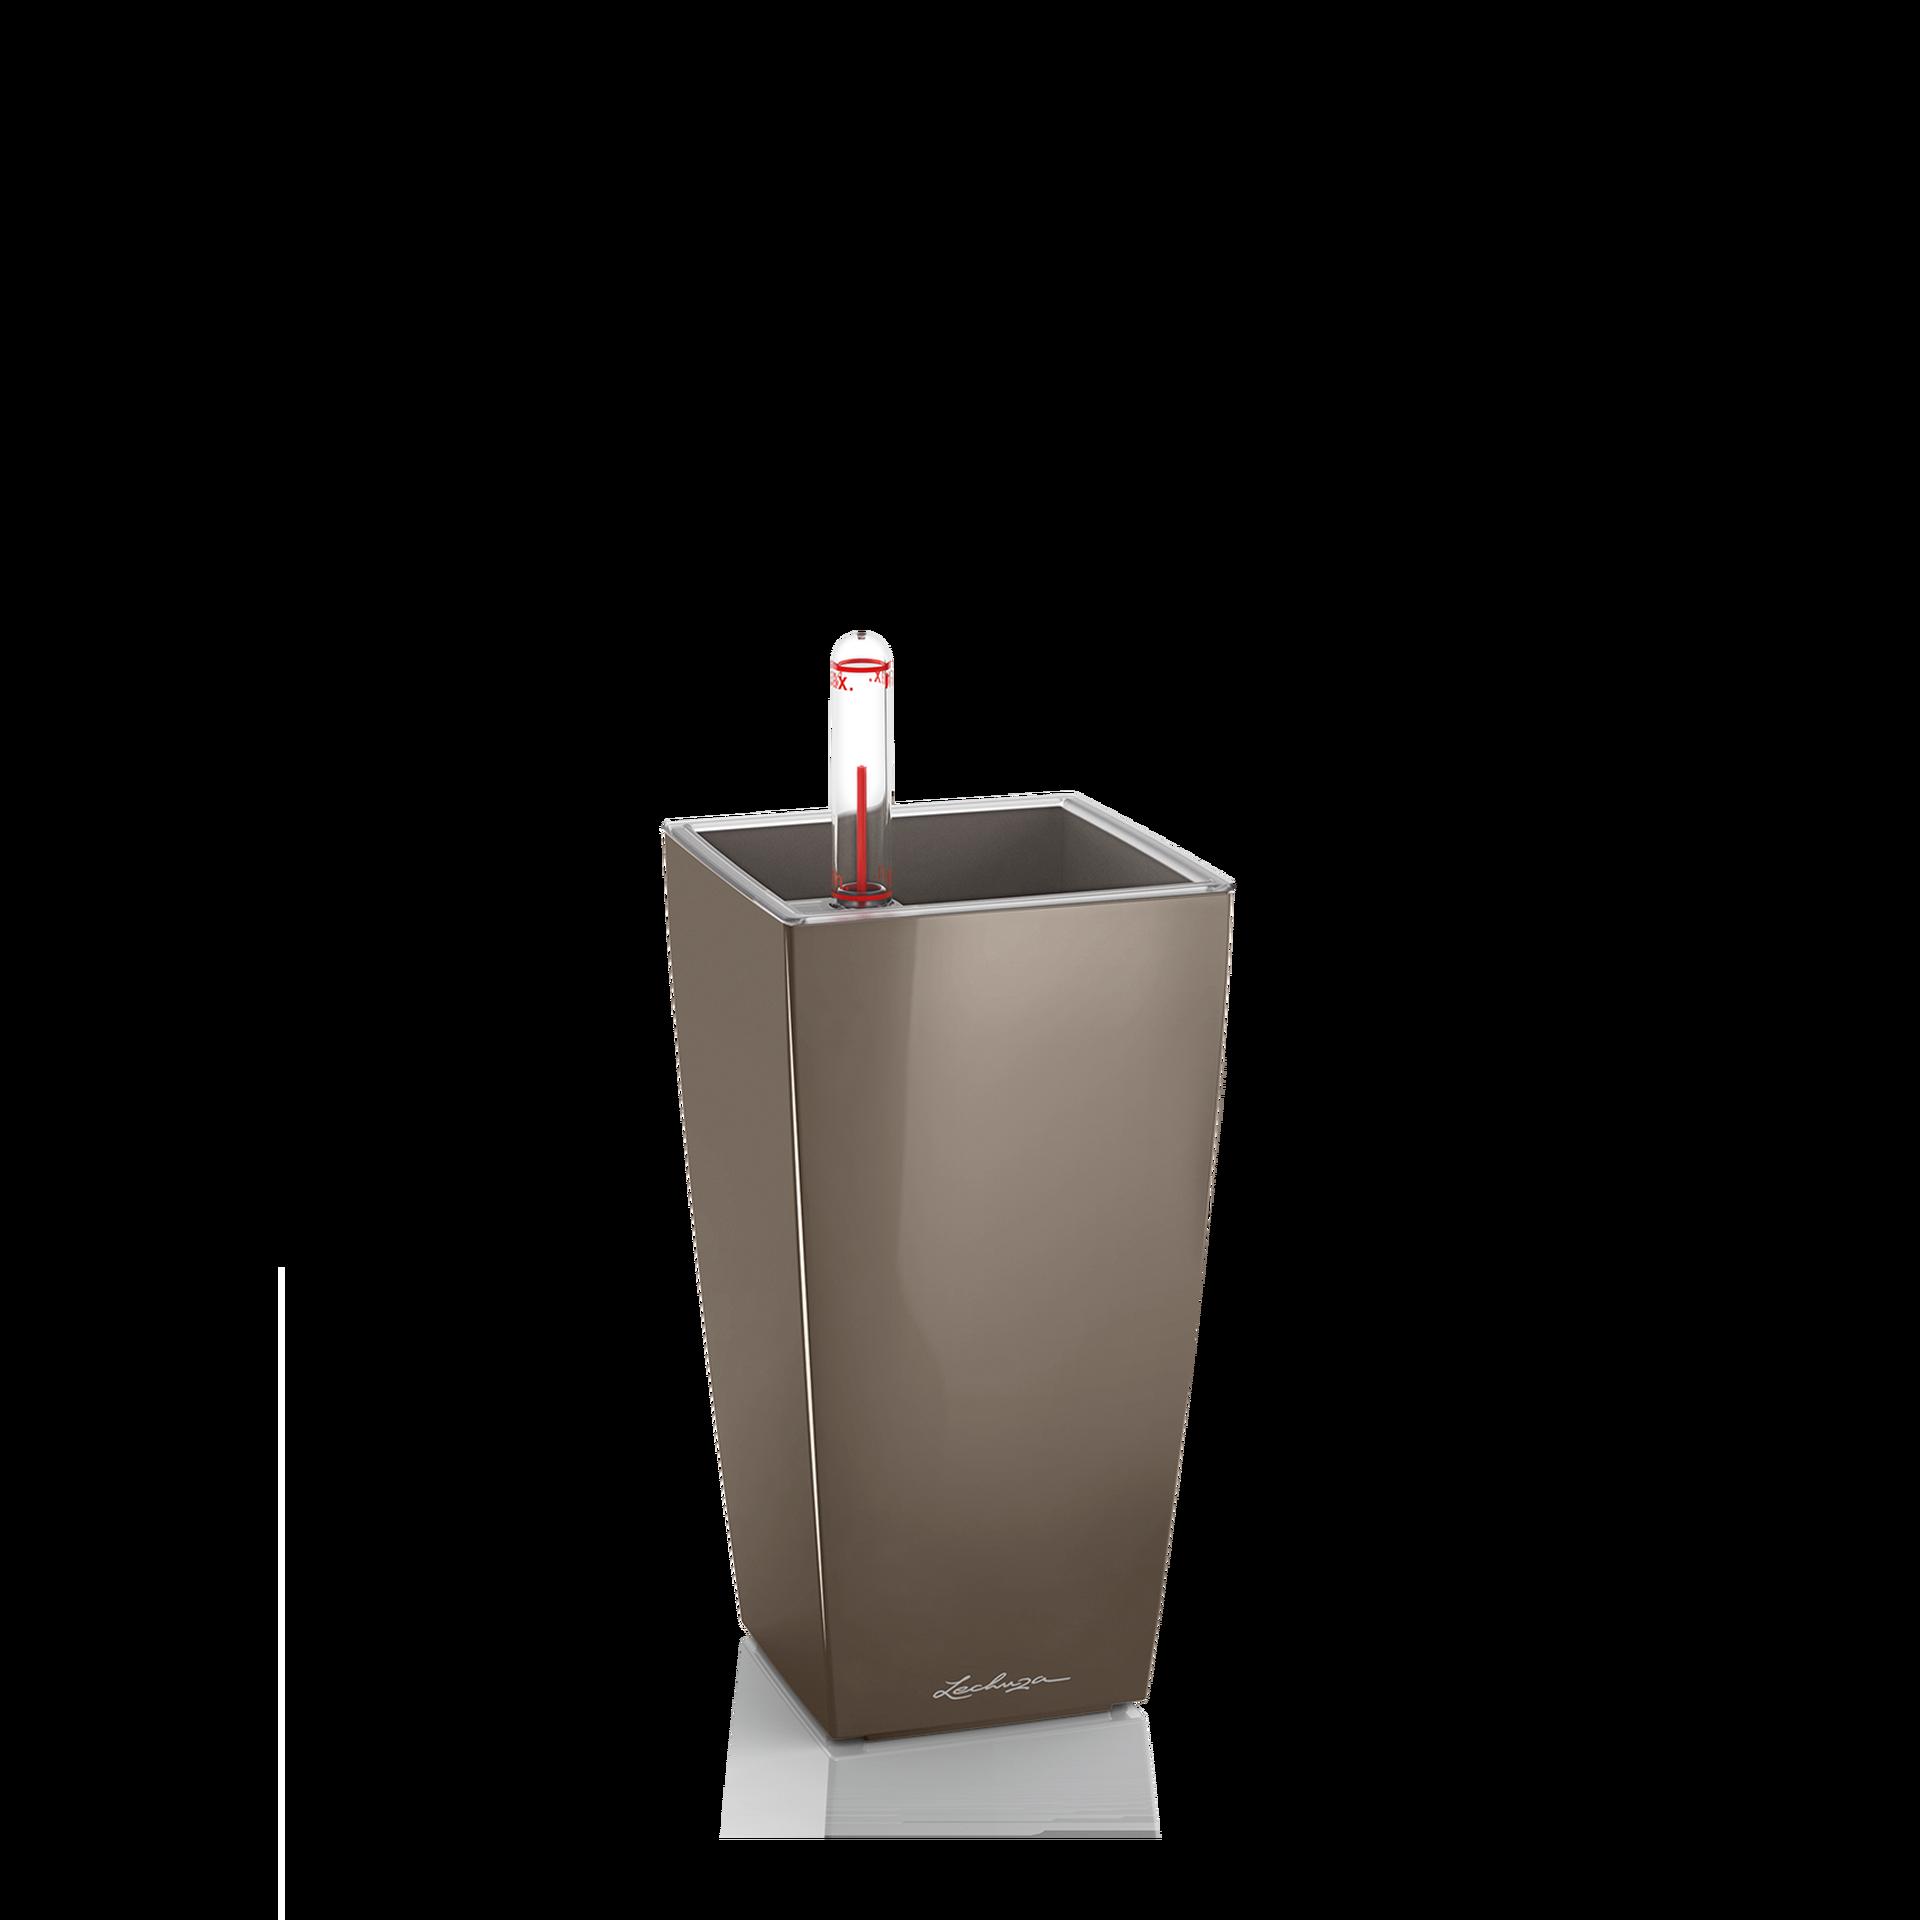 MINI-CUBI серо-коричневый блестящий